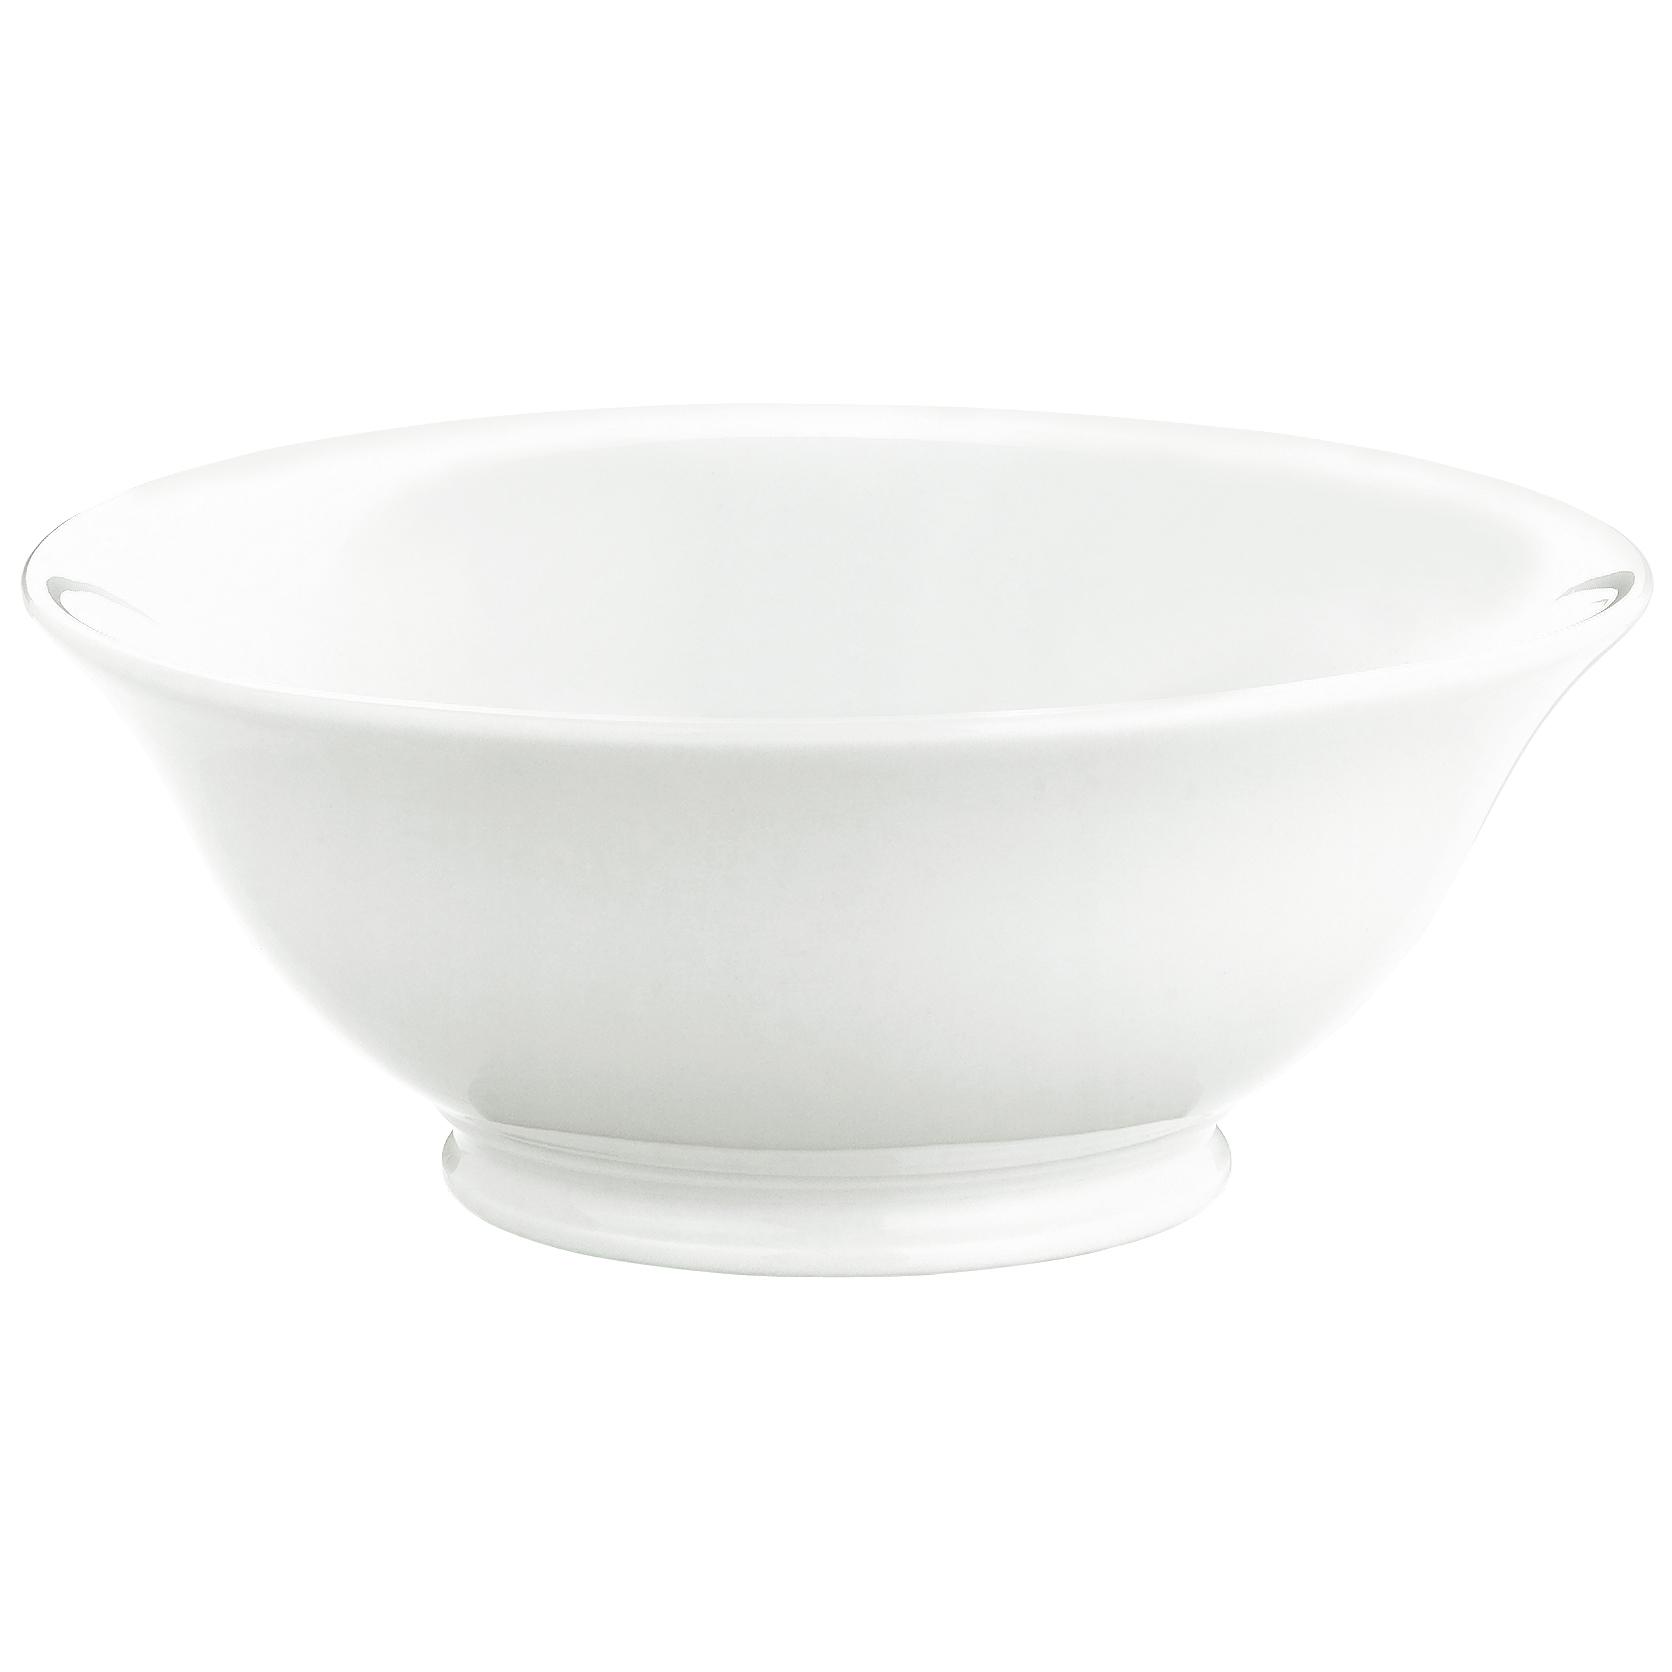 Pillivuyt vitt Salladskål nr 9 24,5 cm